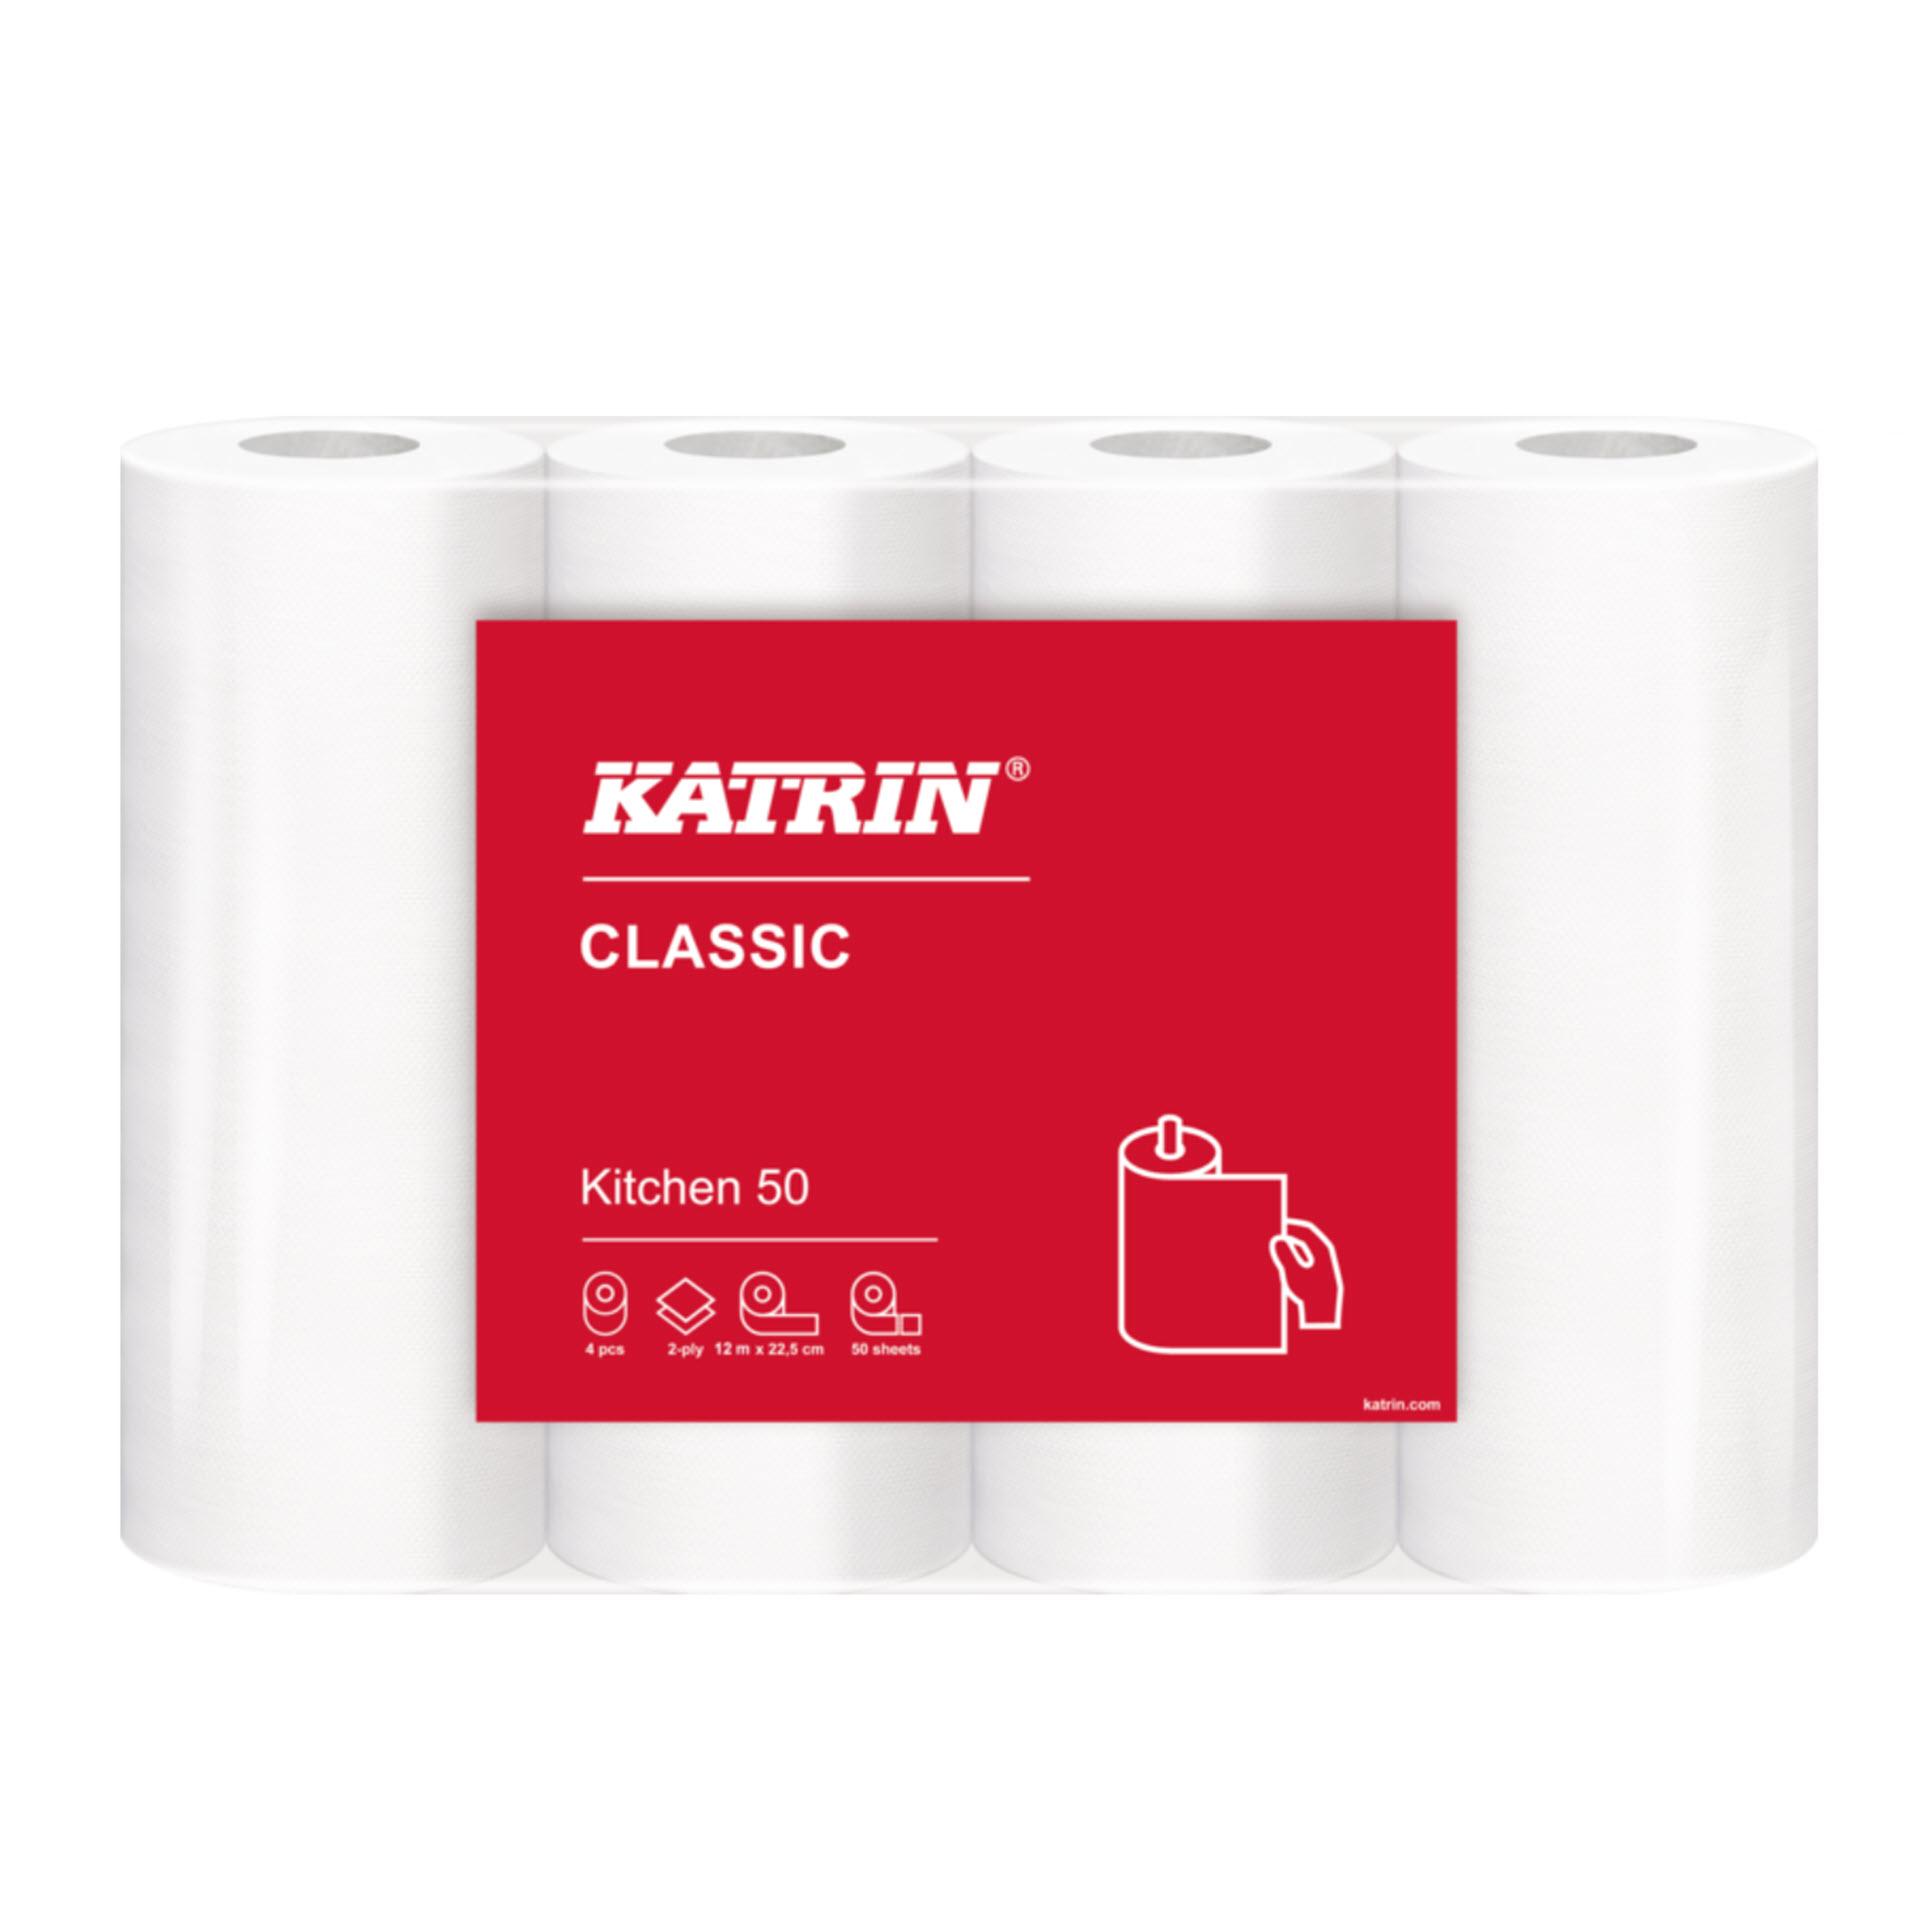 Katrin Classic Kitchen 50 - Küchenrollen - 2-lagig weiß